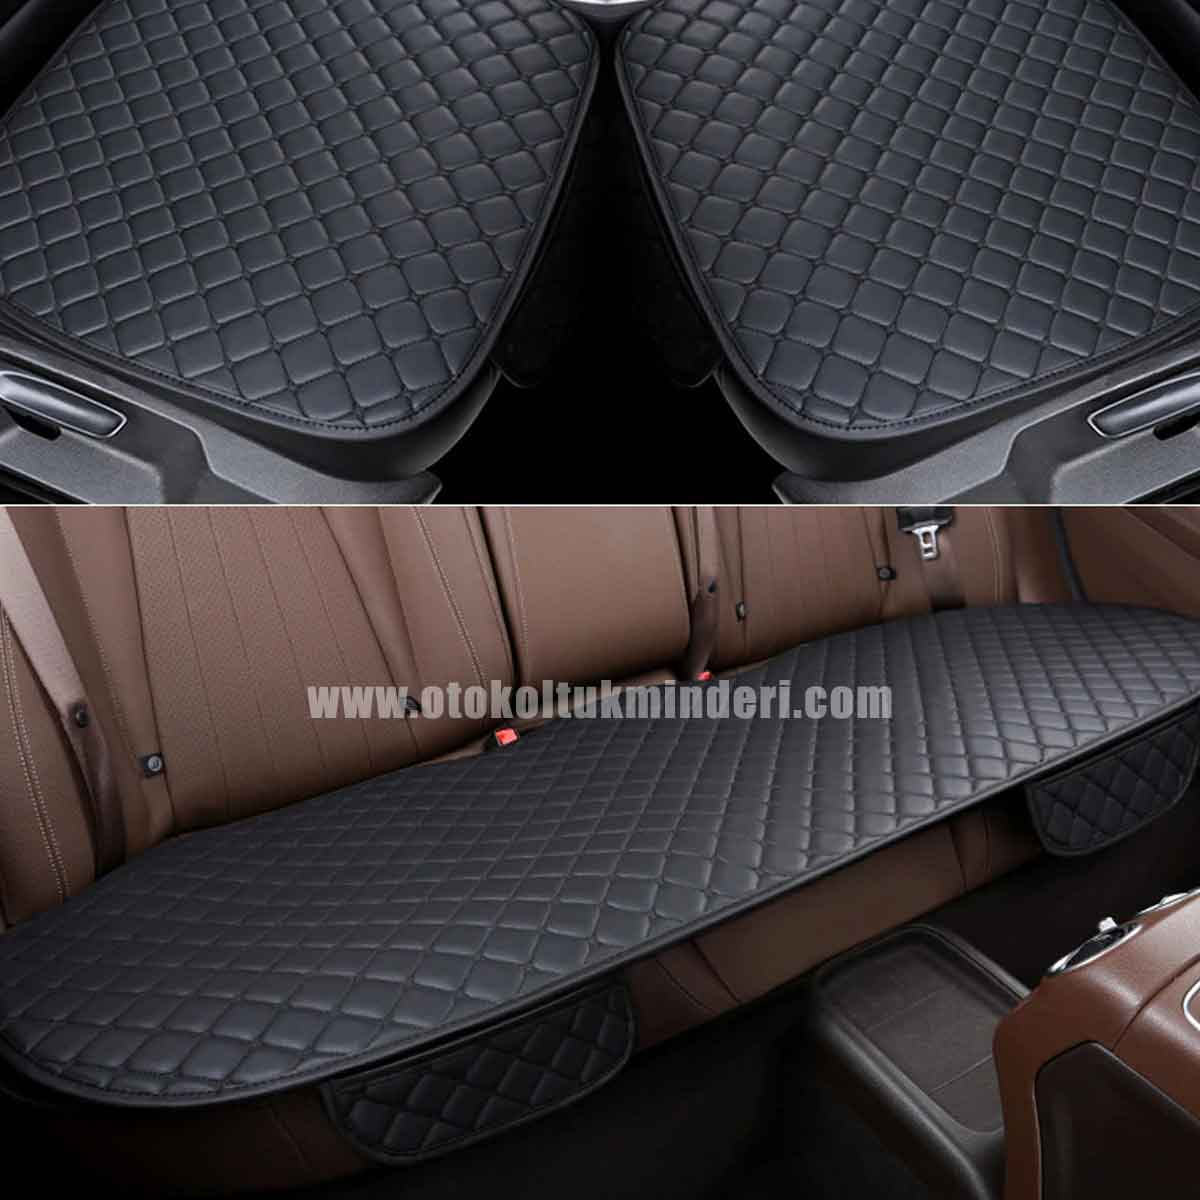 Volkswagen koltuk kılıfı deri - Volkswagen Koltuk minderi Siyah Deri Cepli